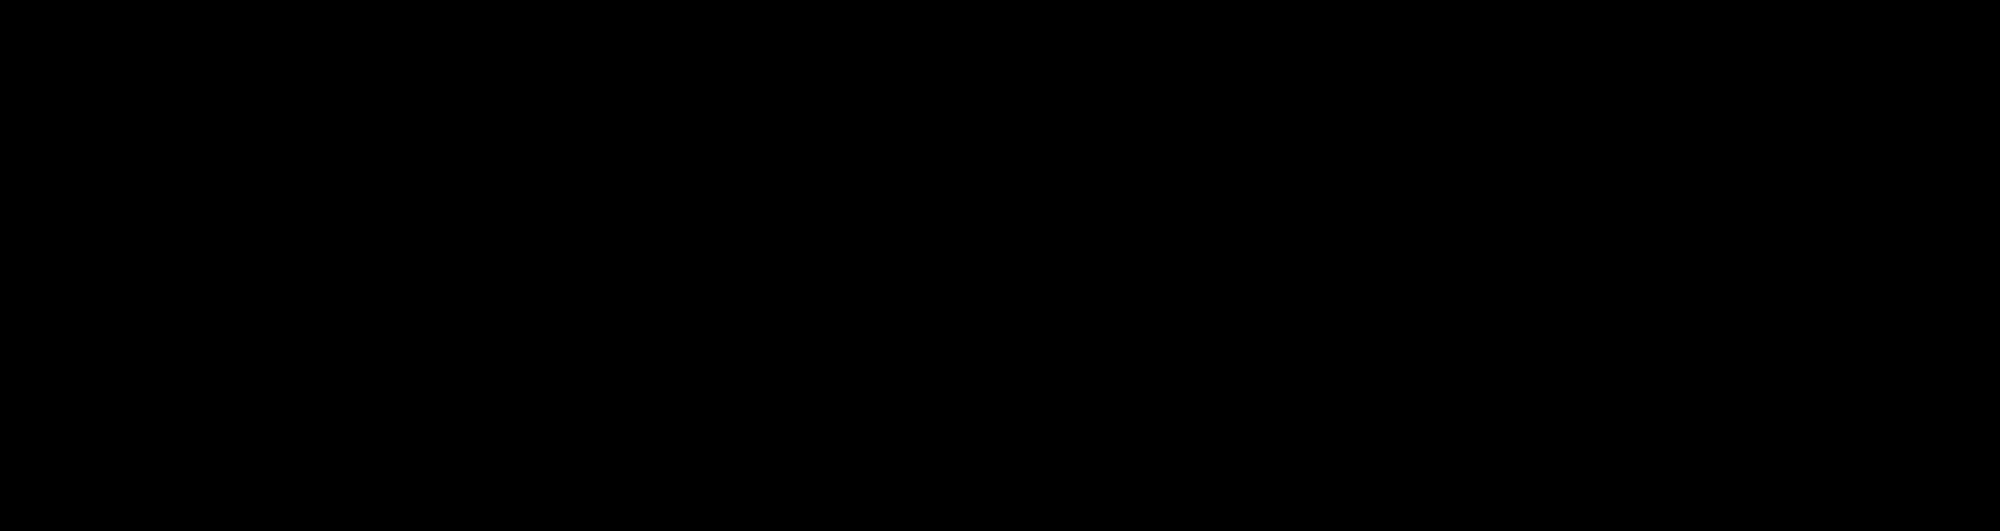 www.vogue.com